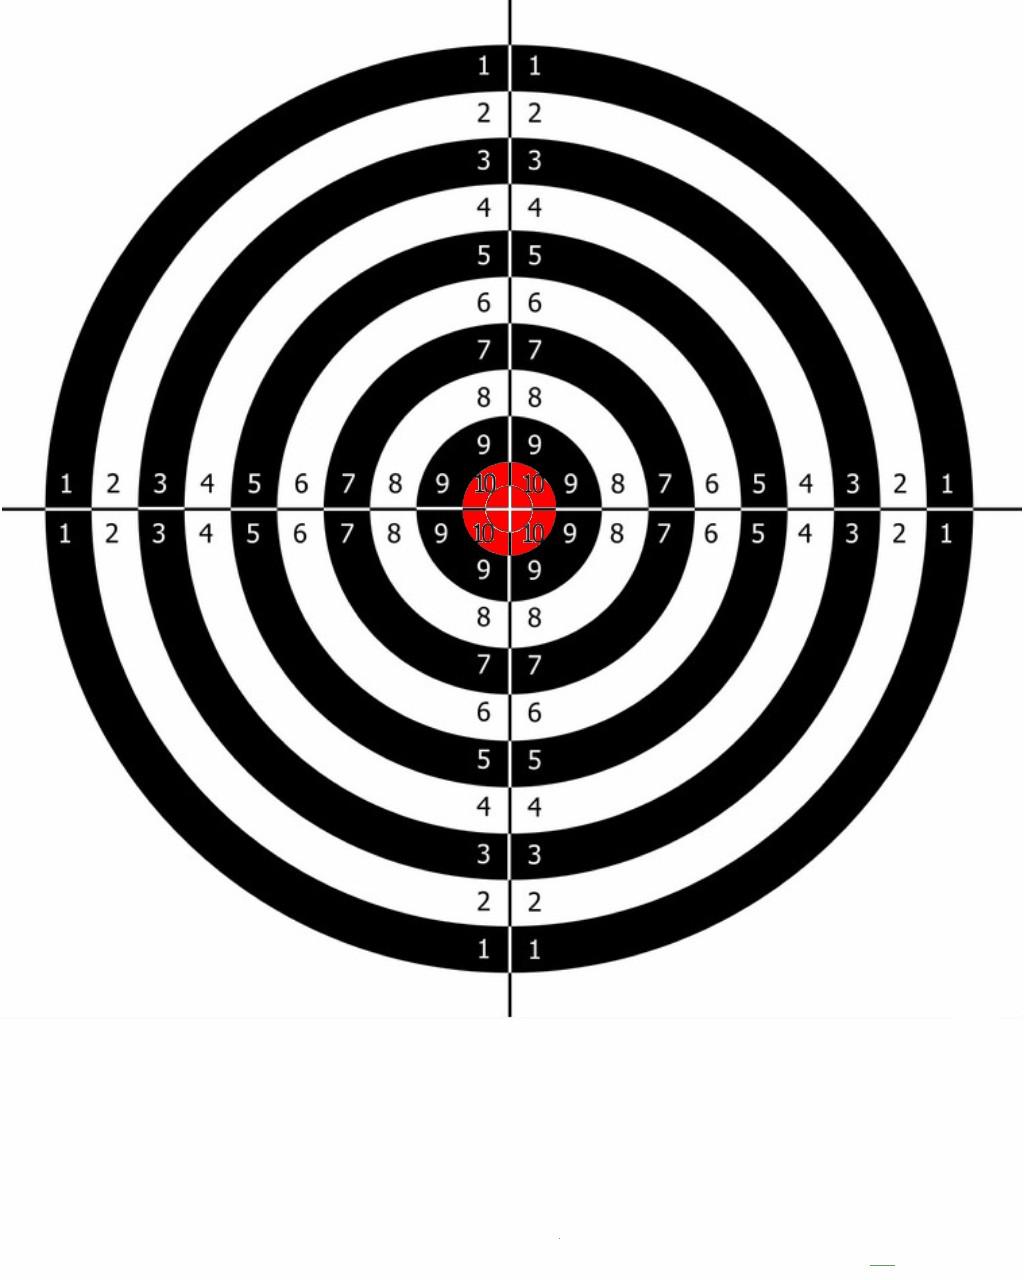 Shooting Targets Printable 8.5 X 11 Making targets... - page 2